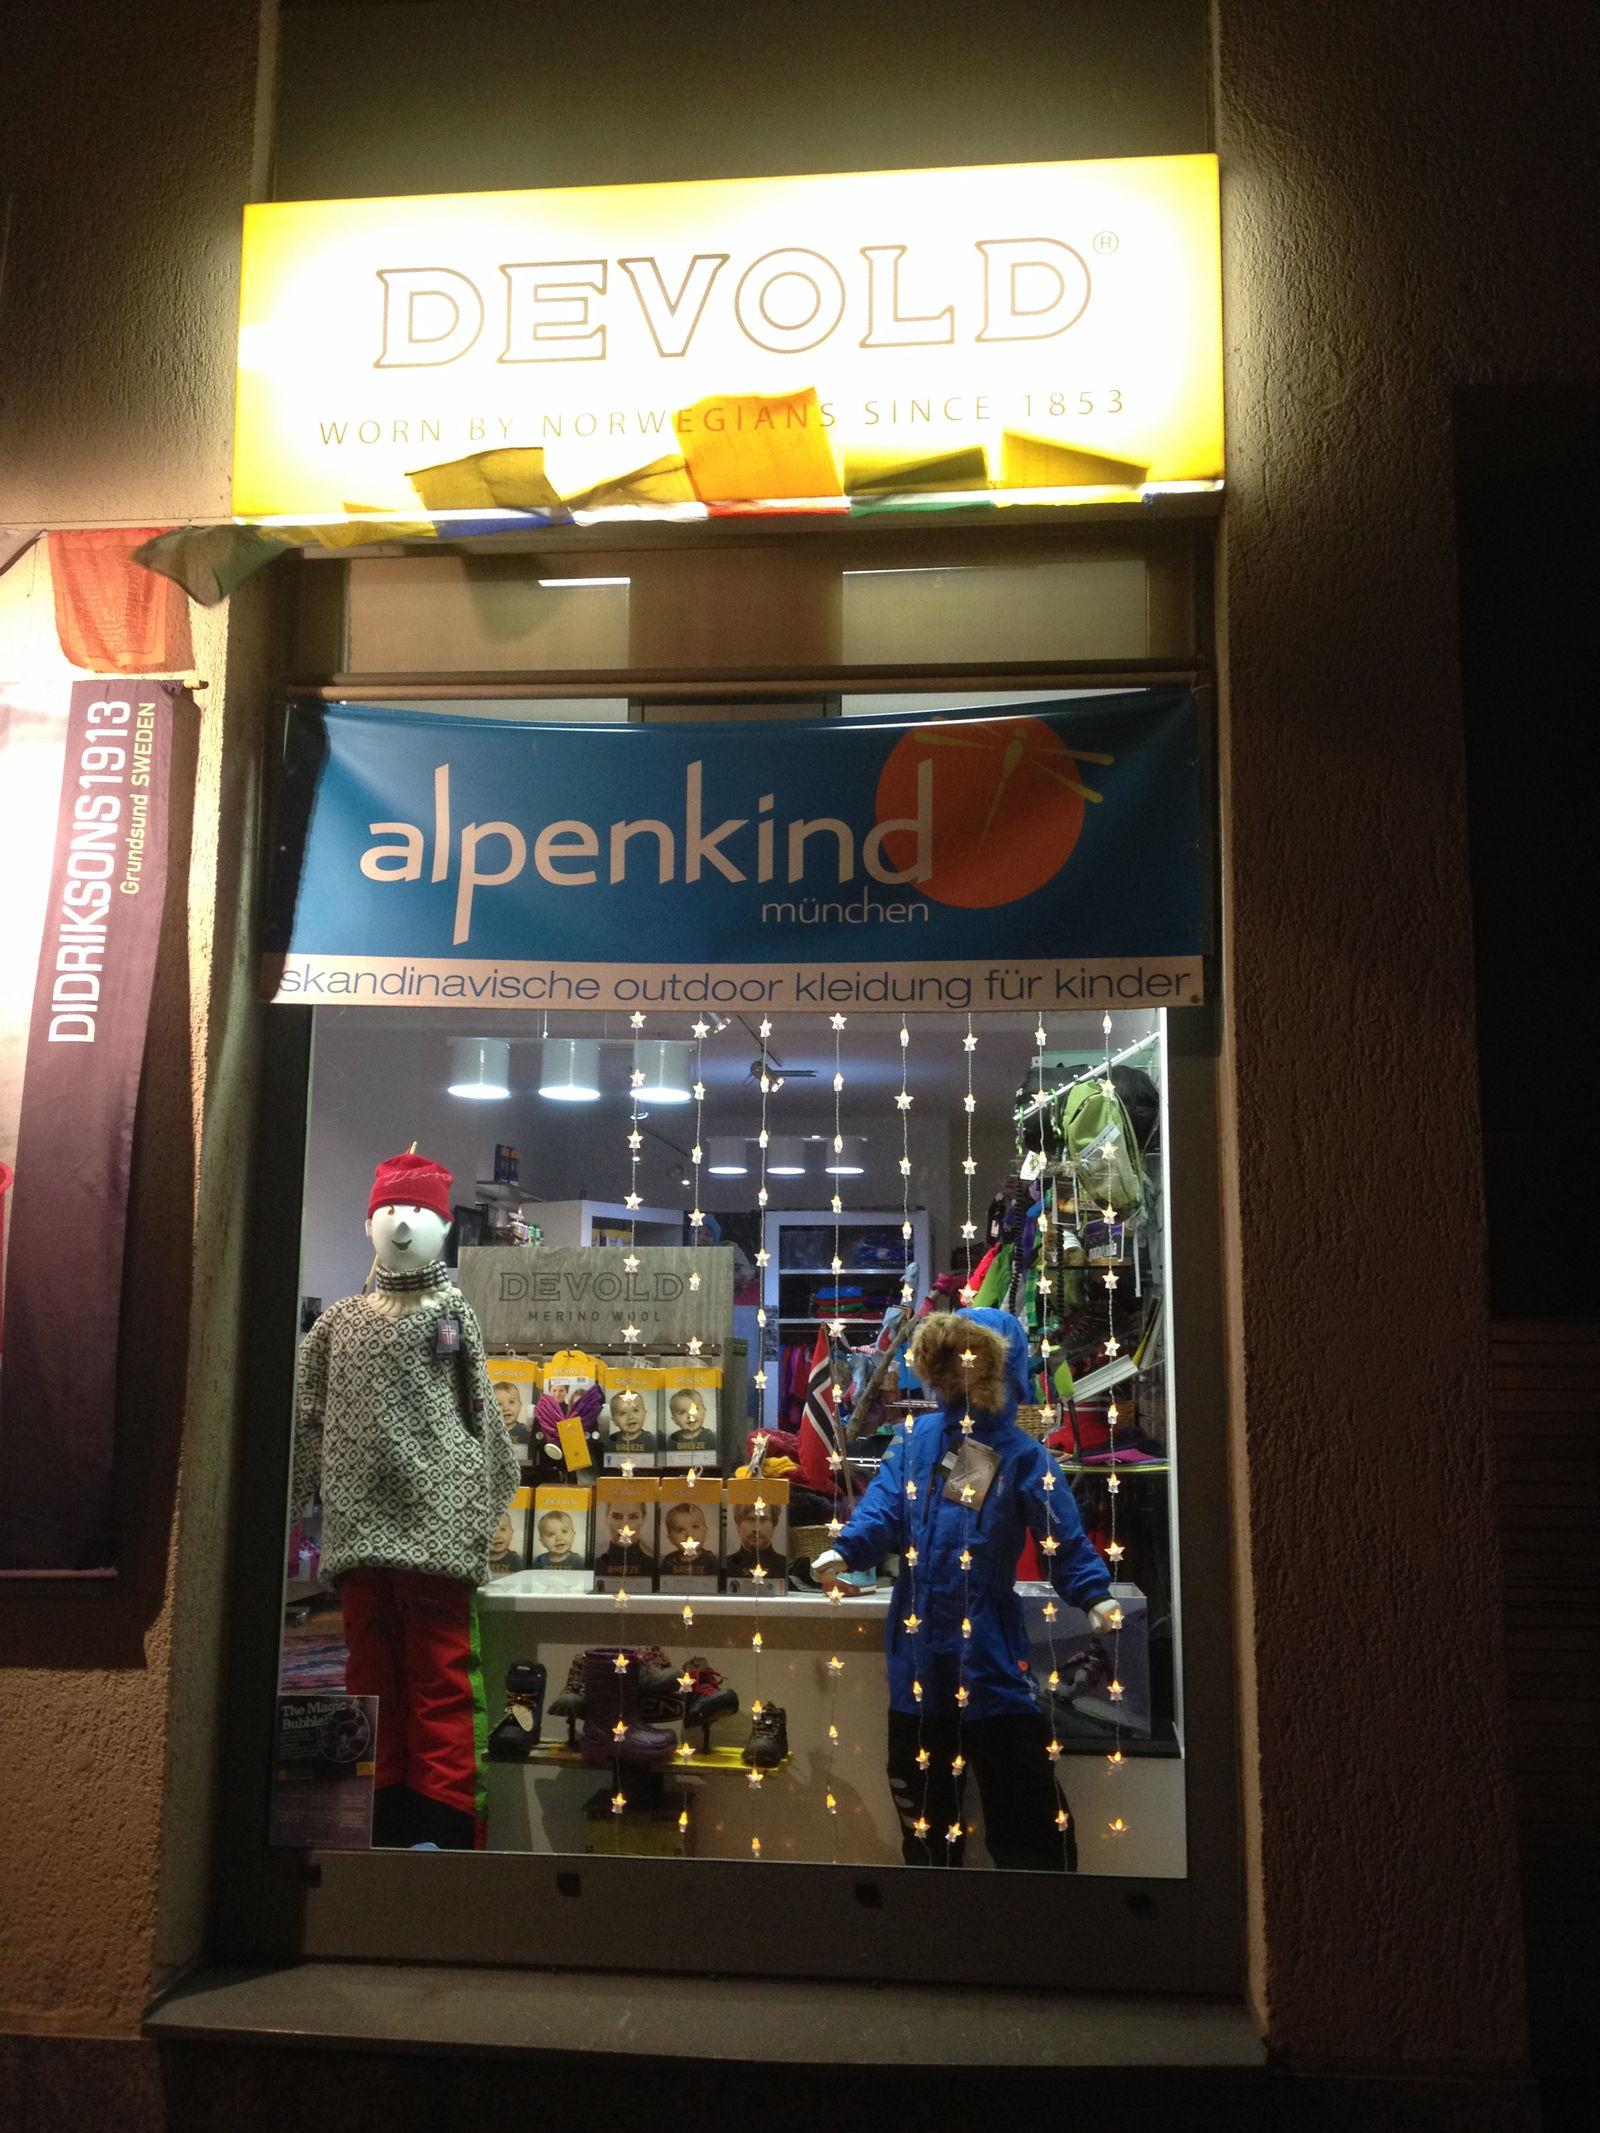 alpenkind® muenchen in München (Bild 5)